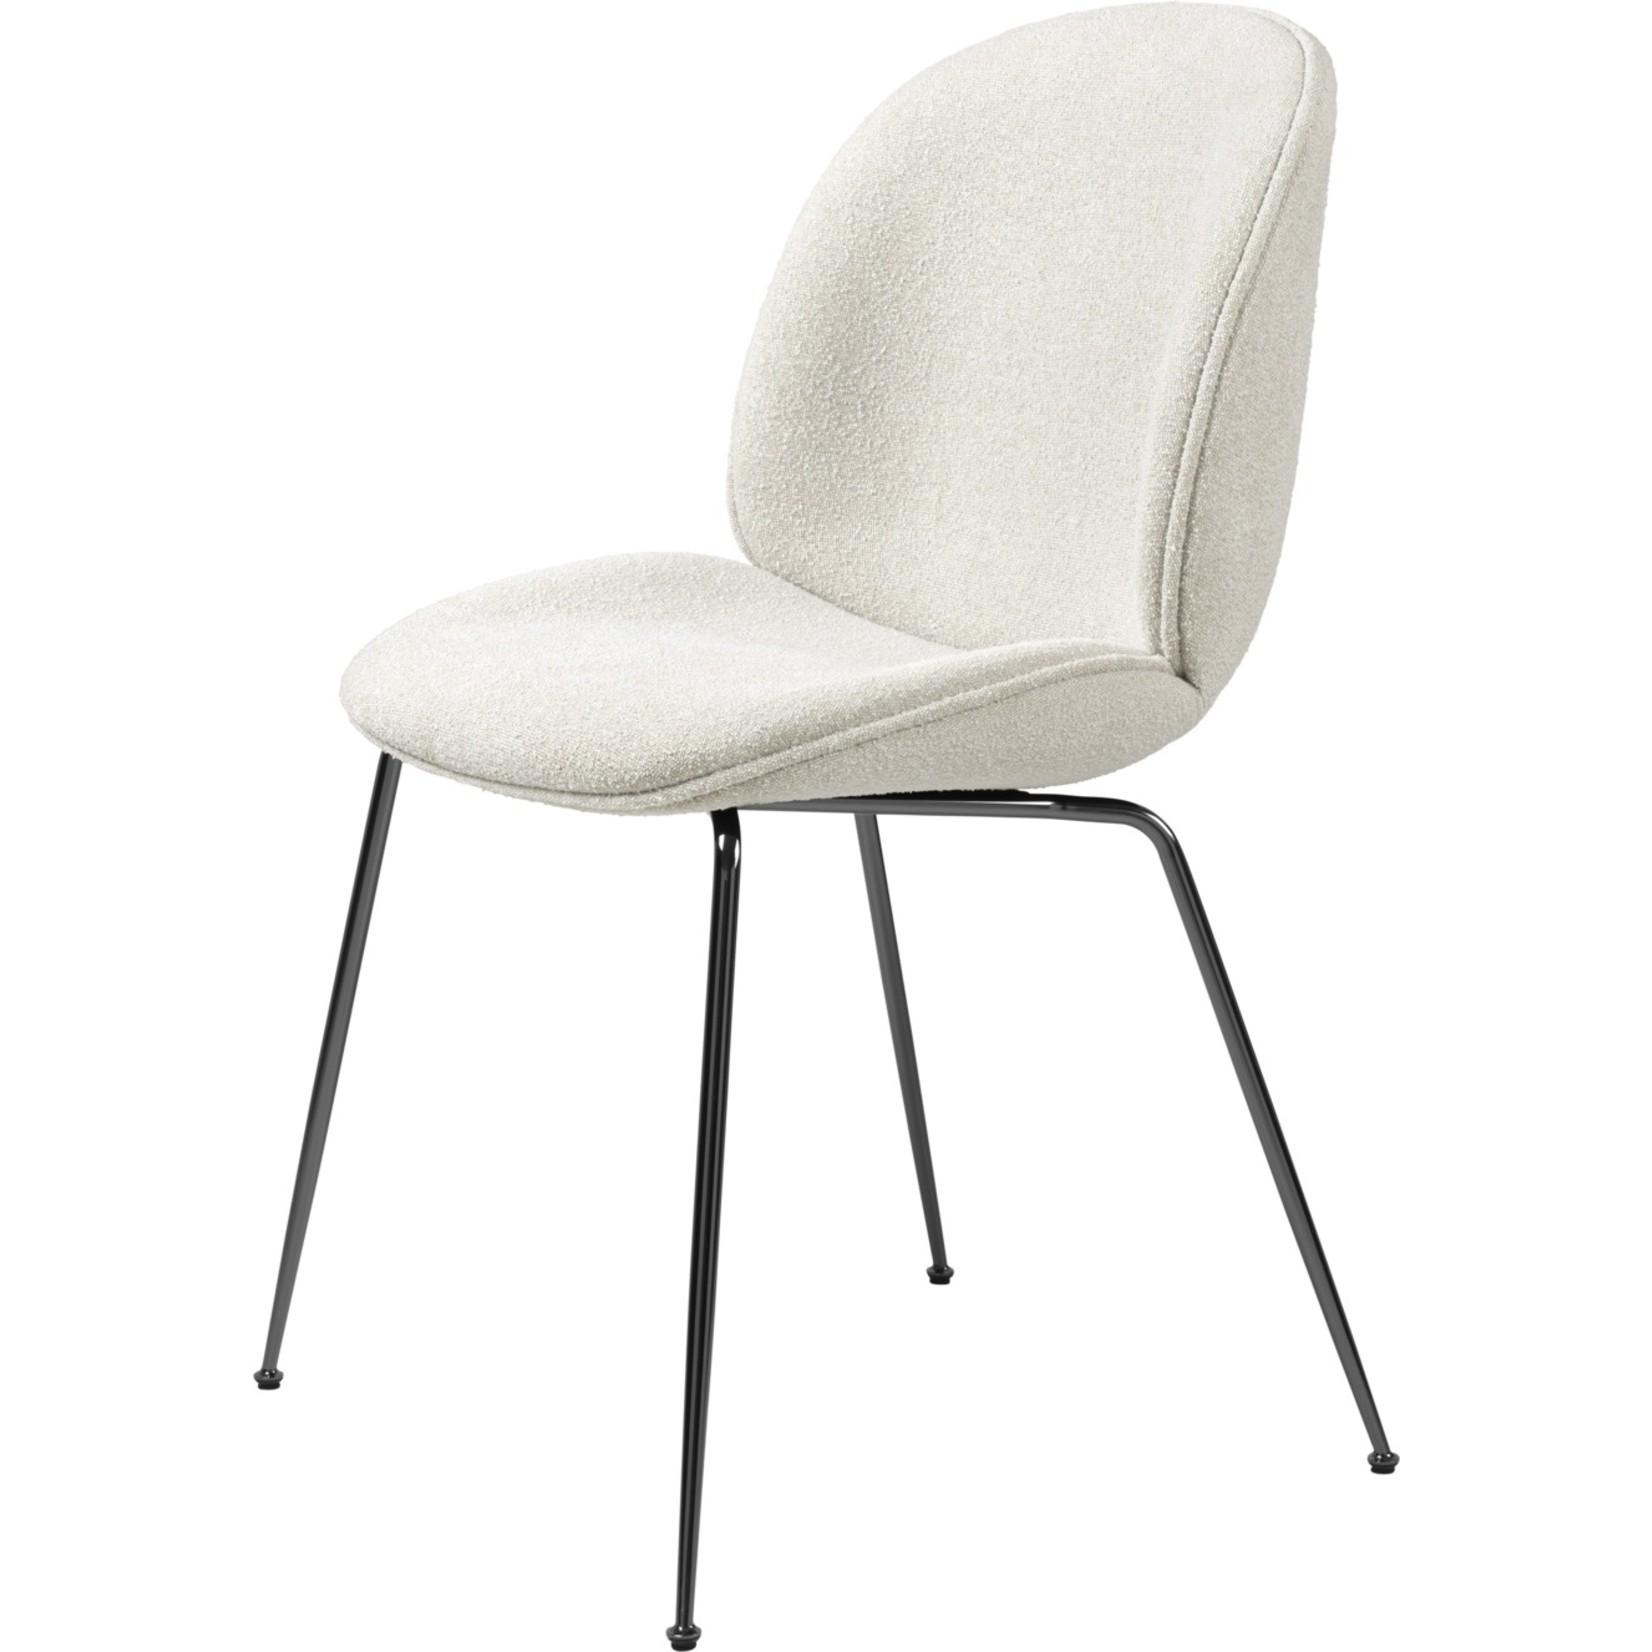 Gubi Chaise de salle à manger Beetle   Light Bouclé 001 & Base Chrome Noir